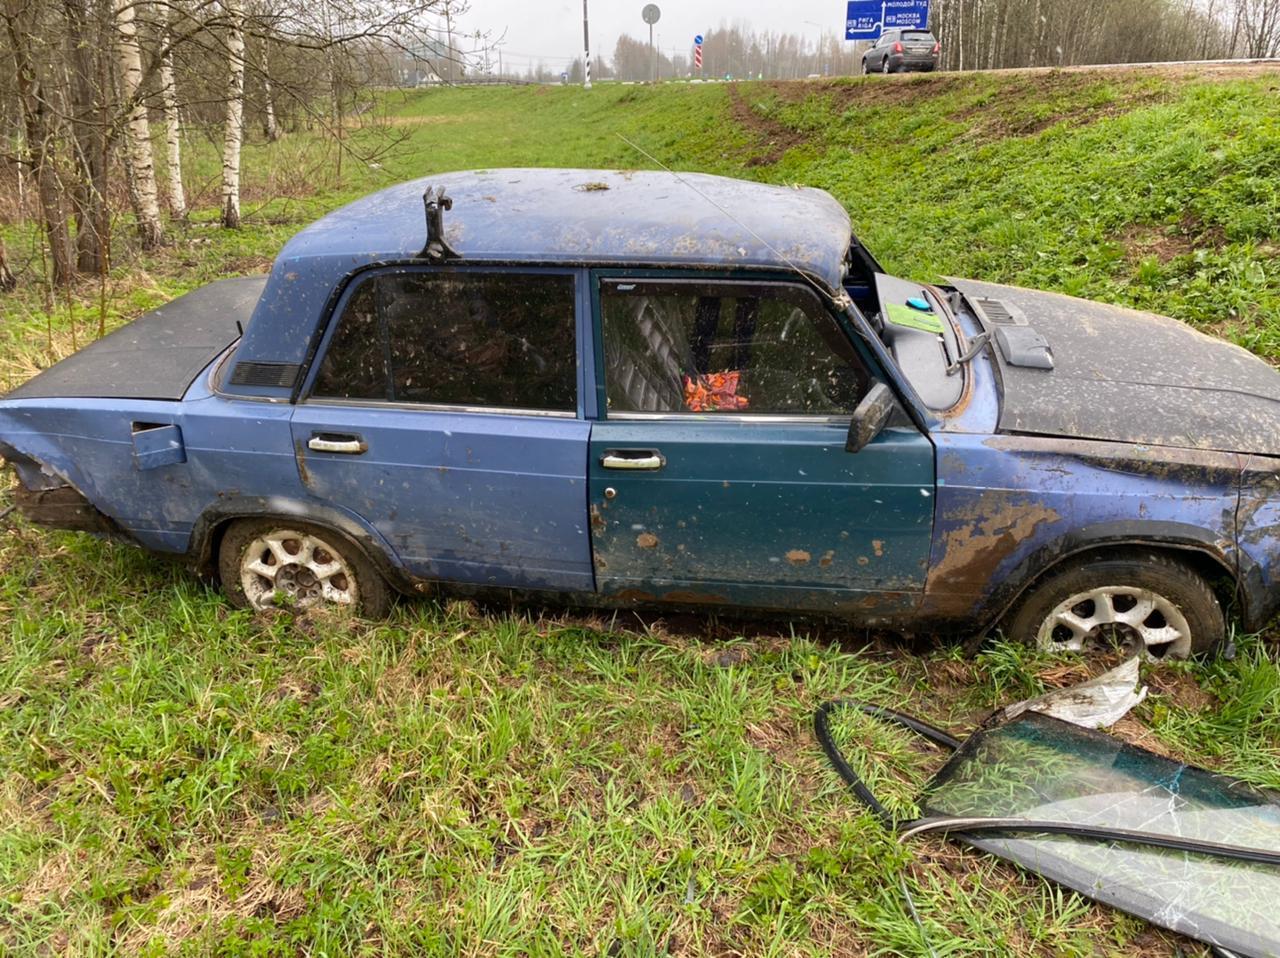 В Тверской области в больницу доставили водителя вылетевшей в кювет легковушки - новости Афанасий